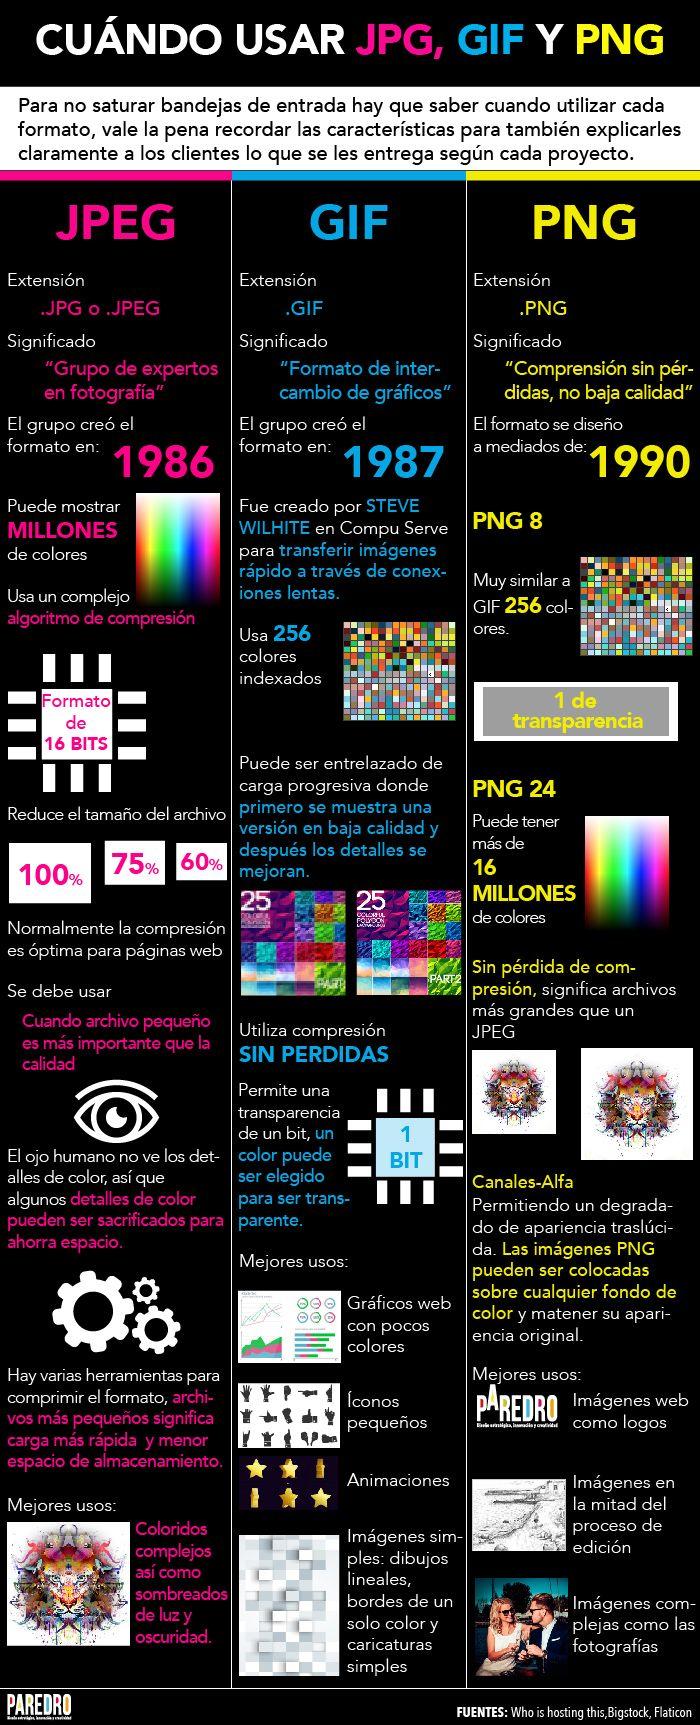 Infografía muy interesante para saber cuándo usar JPG, GIF y PNG